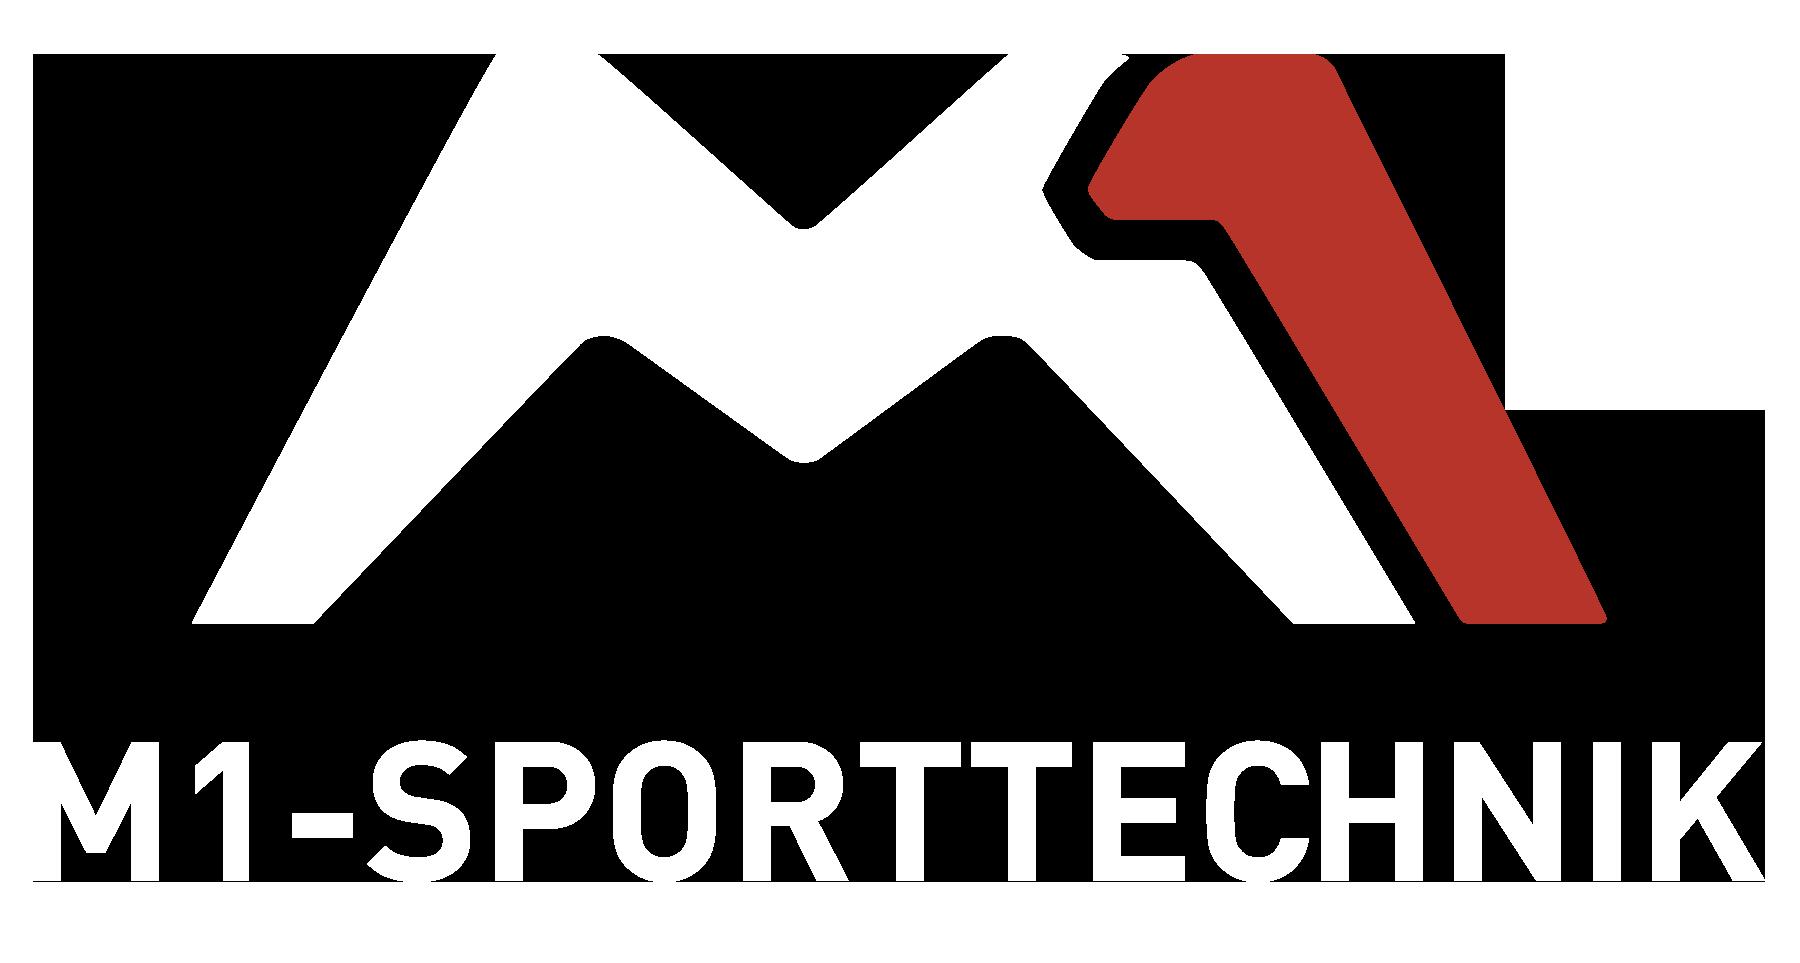 M1SPORTTECHNIK